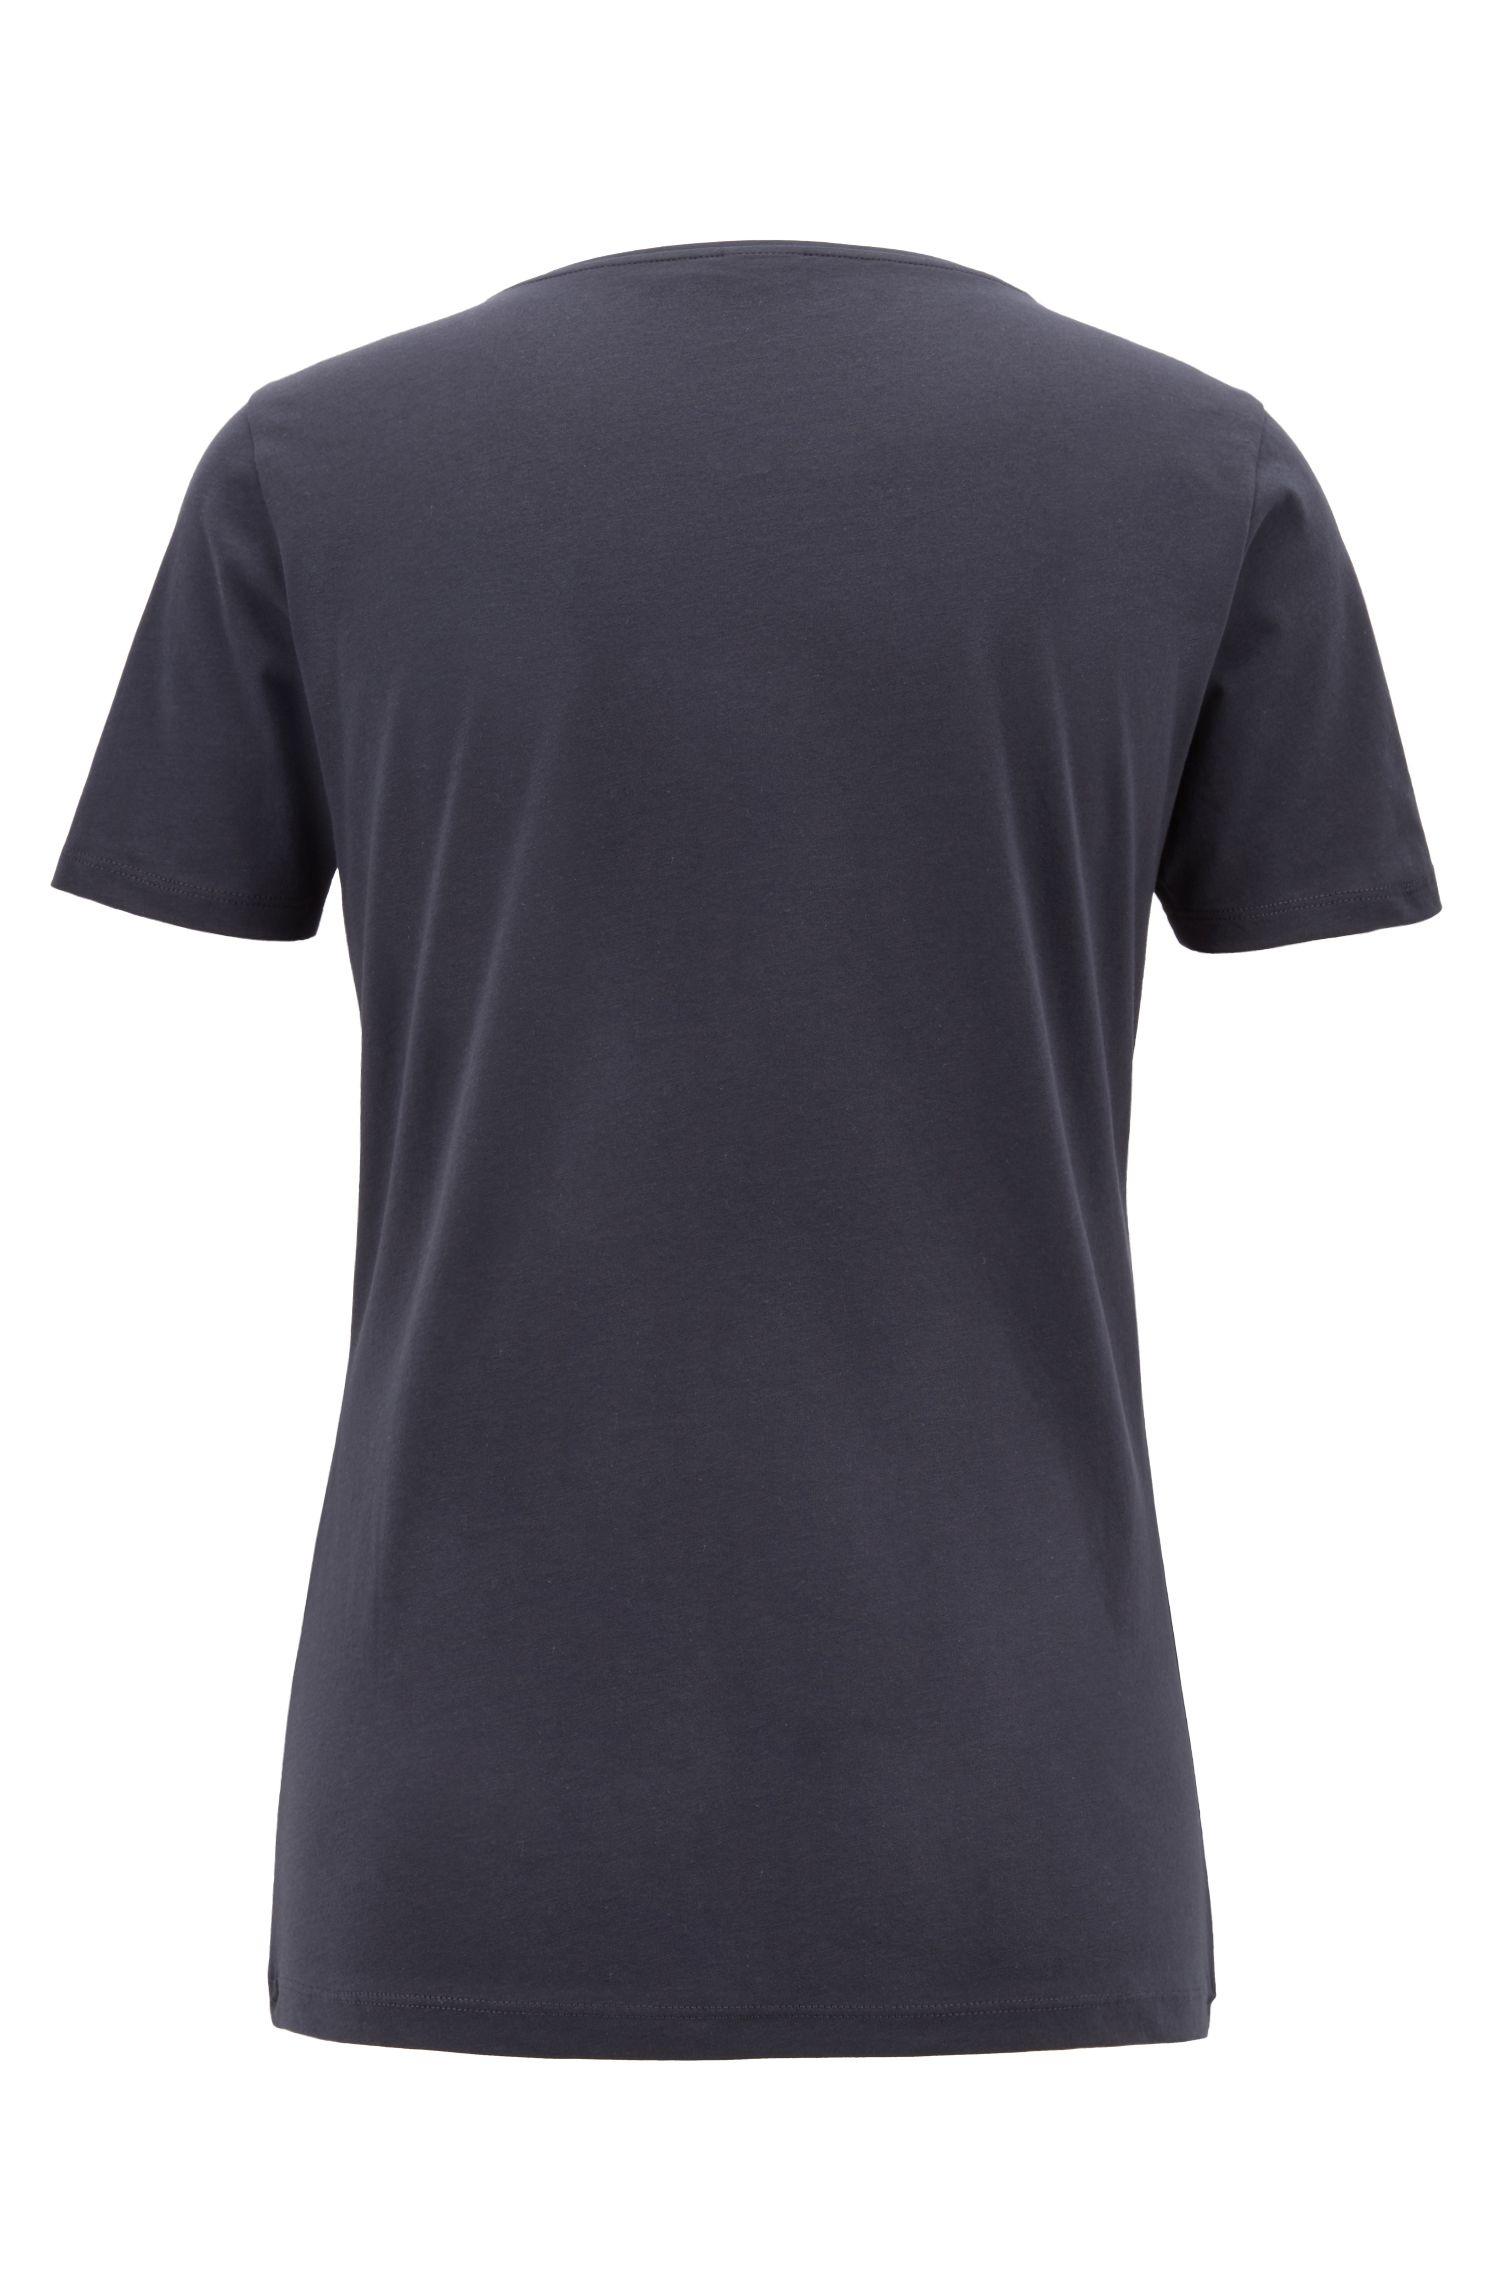 Slim-Fit T-Shirt aus reiner Baumwolle mit Logo-Print aus kleinen Herz-Motiven